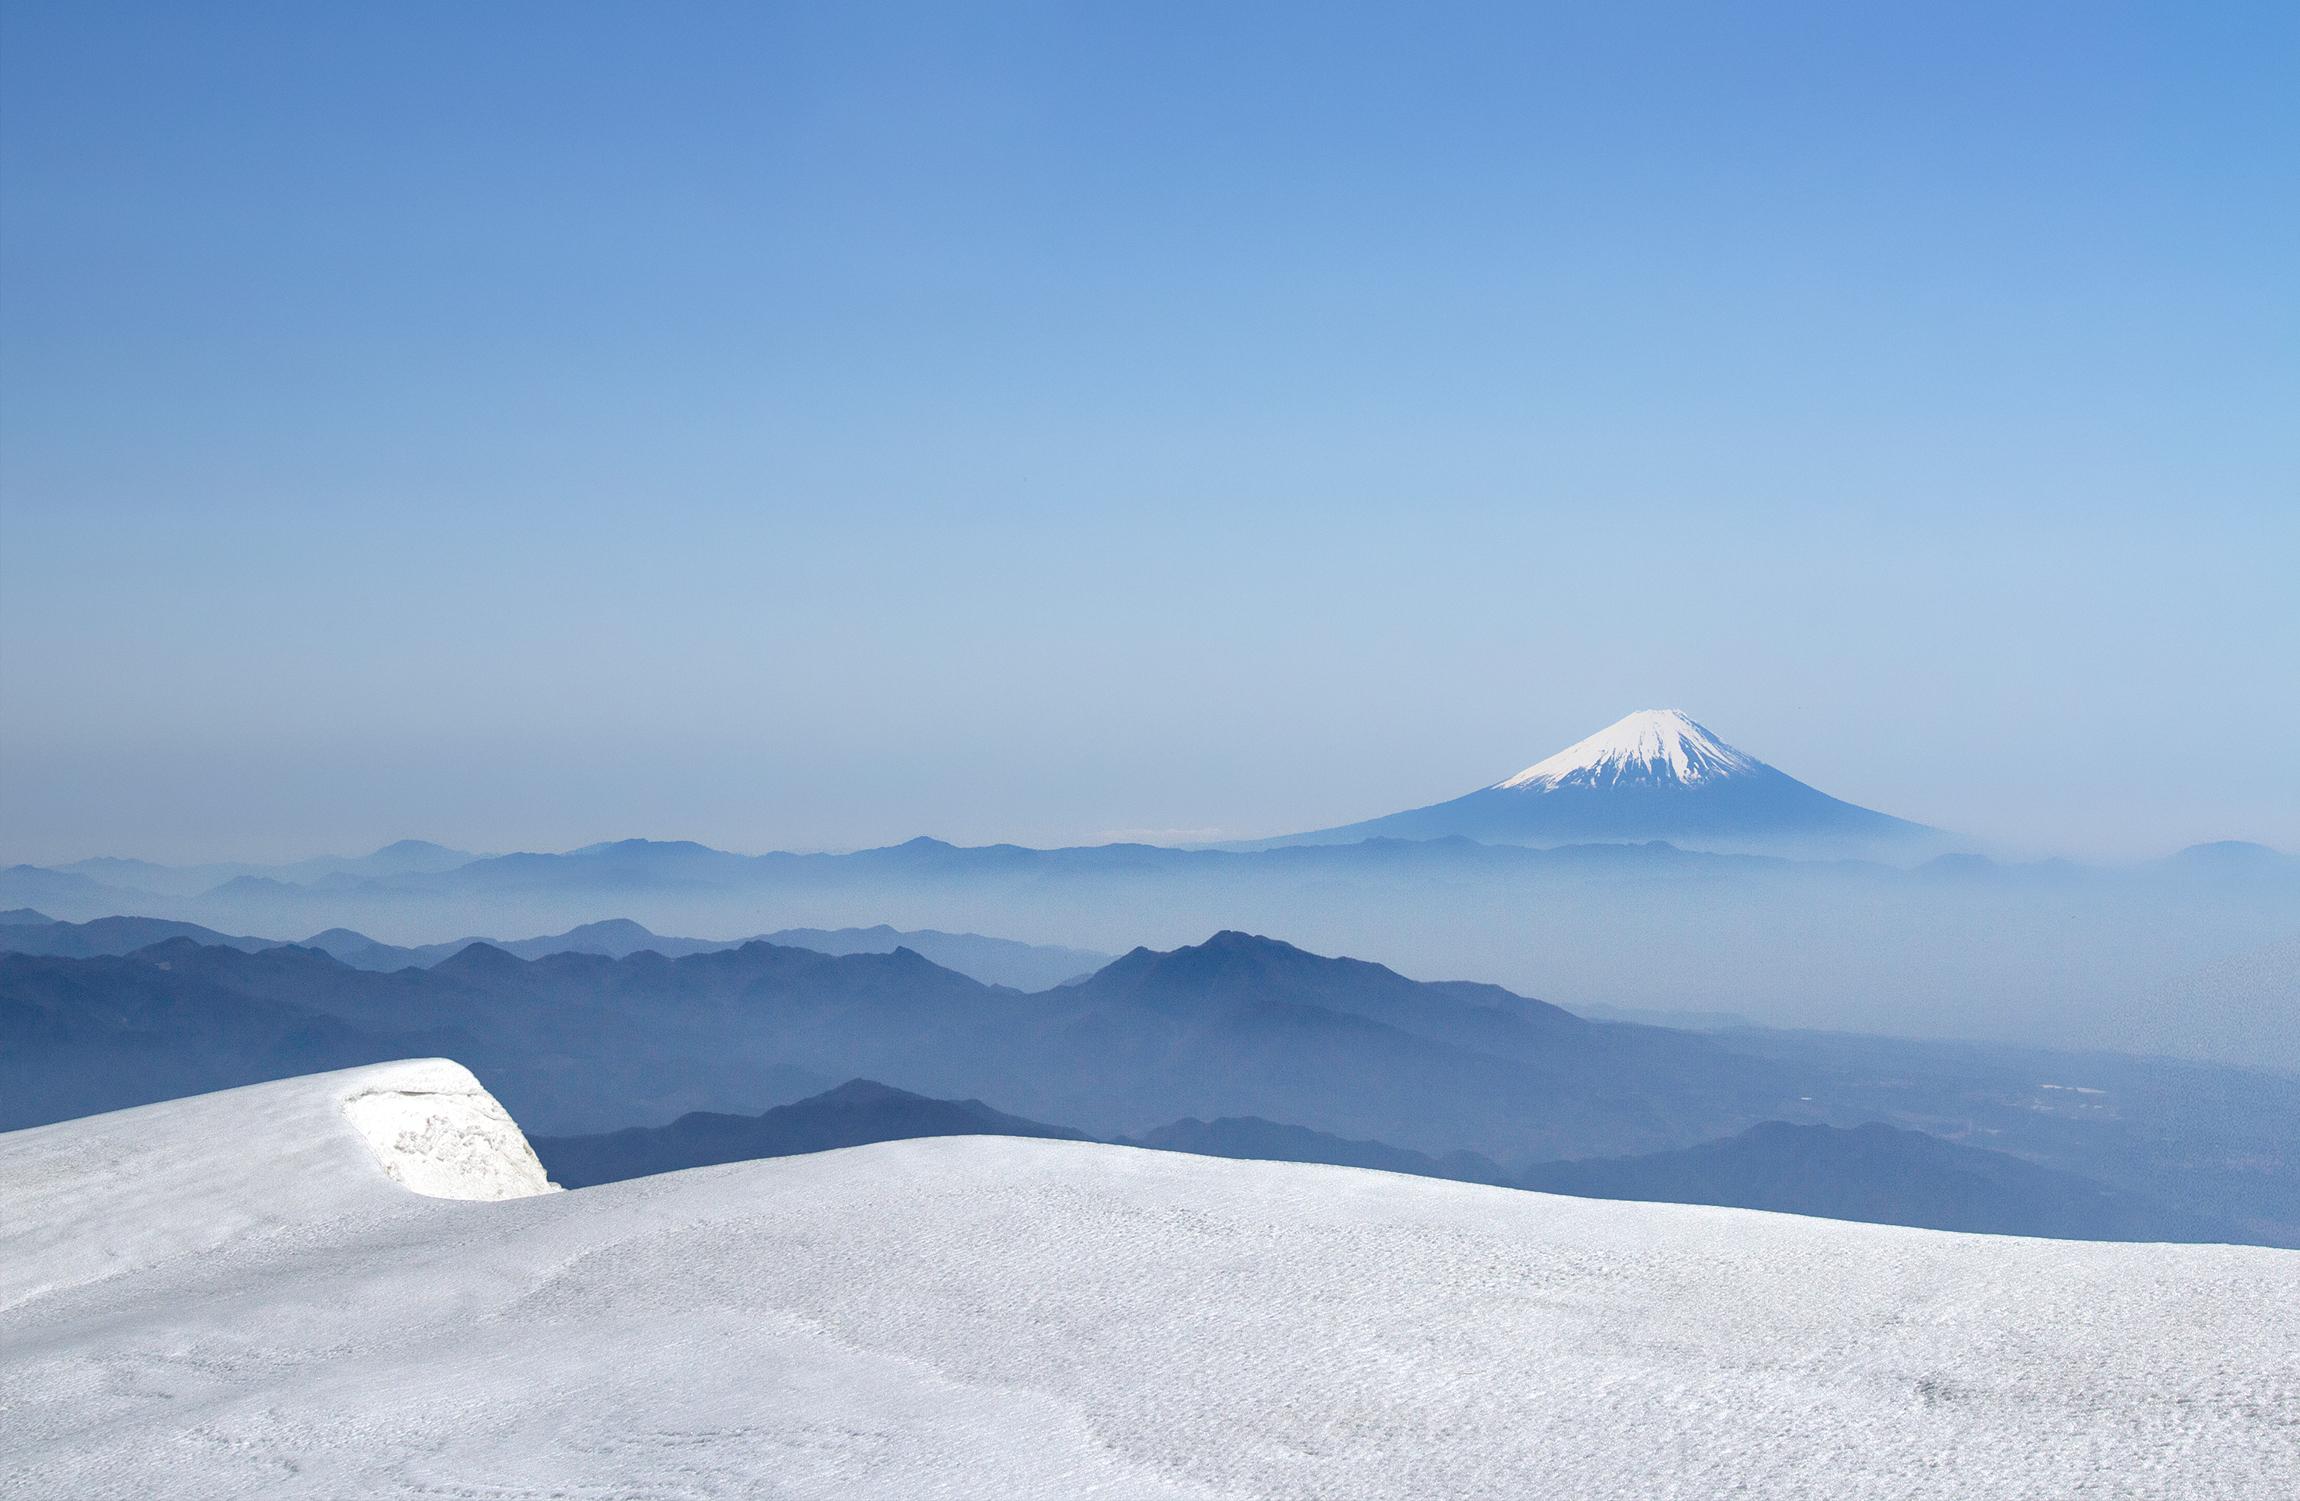 Fuji Minimalism